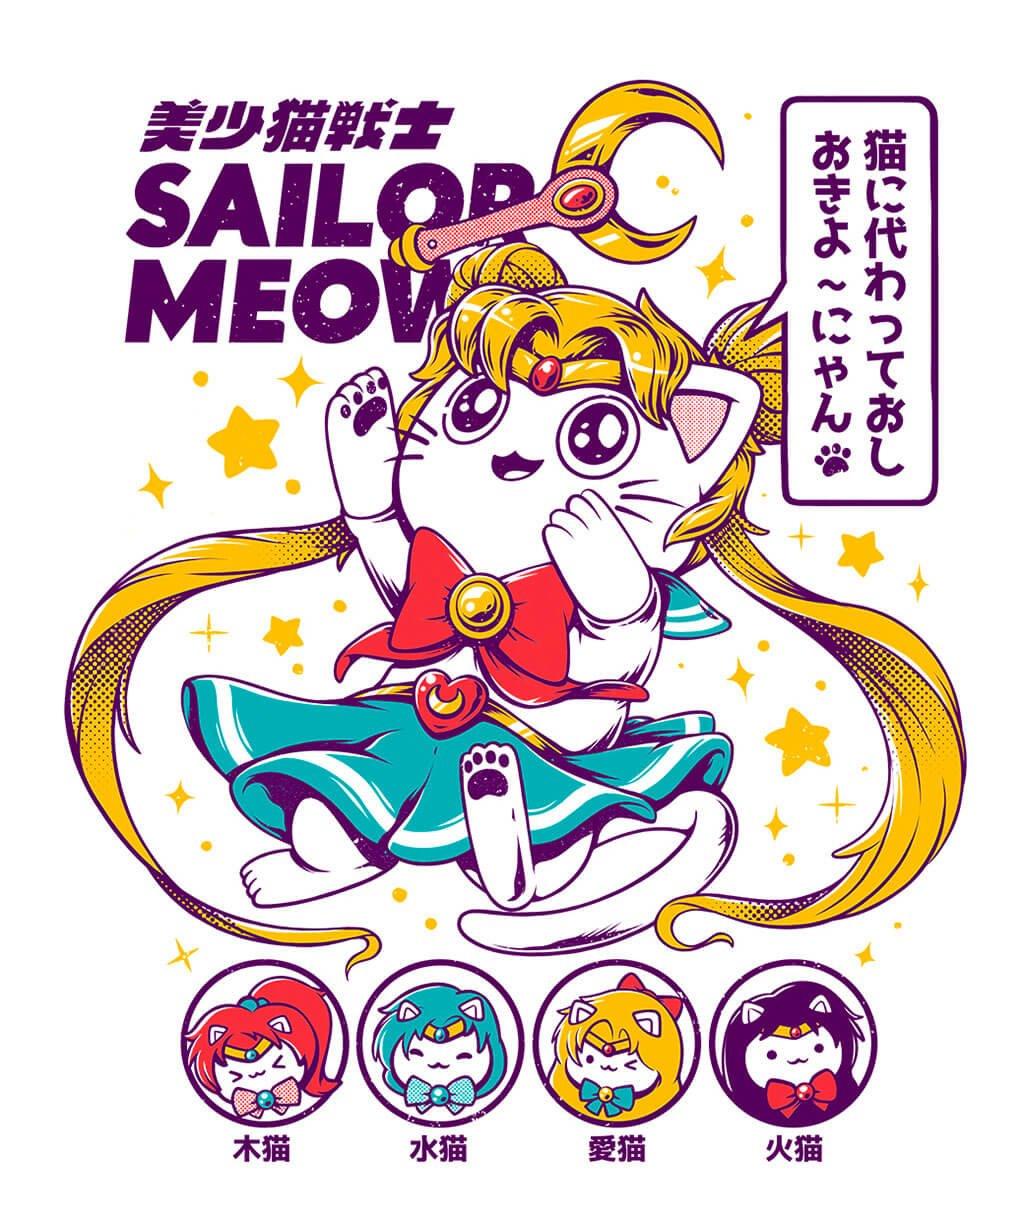 Sailor Moon Fan Art by Ilustrata studio , Victor Kahn